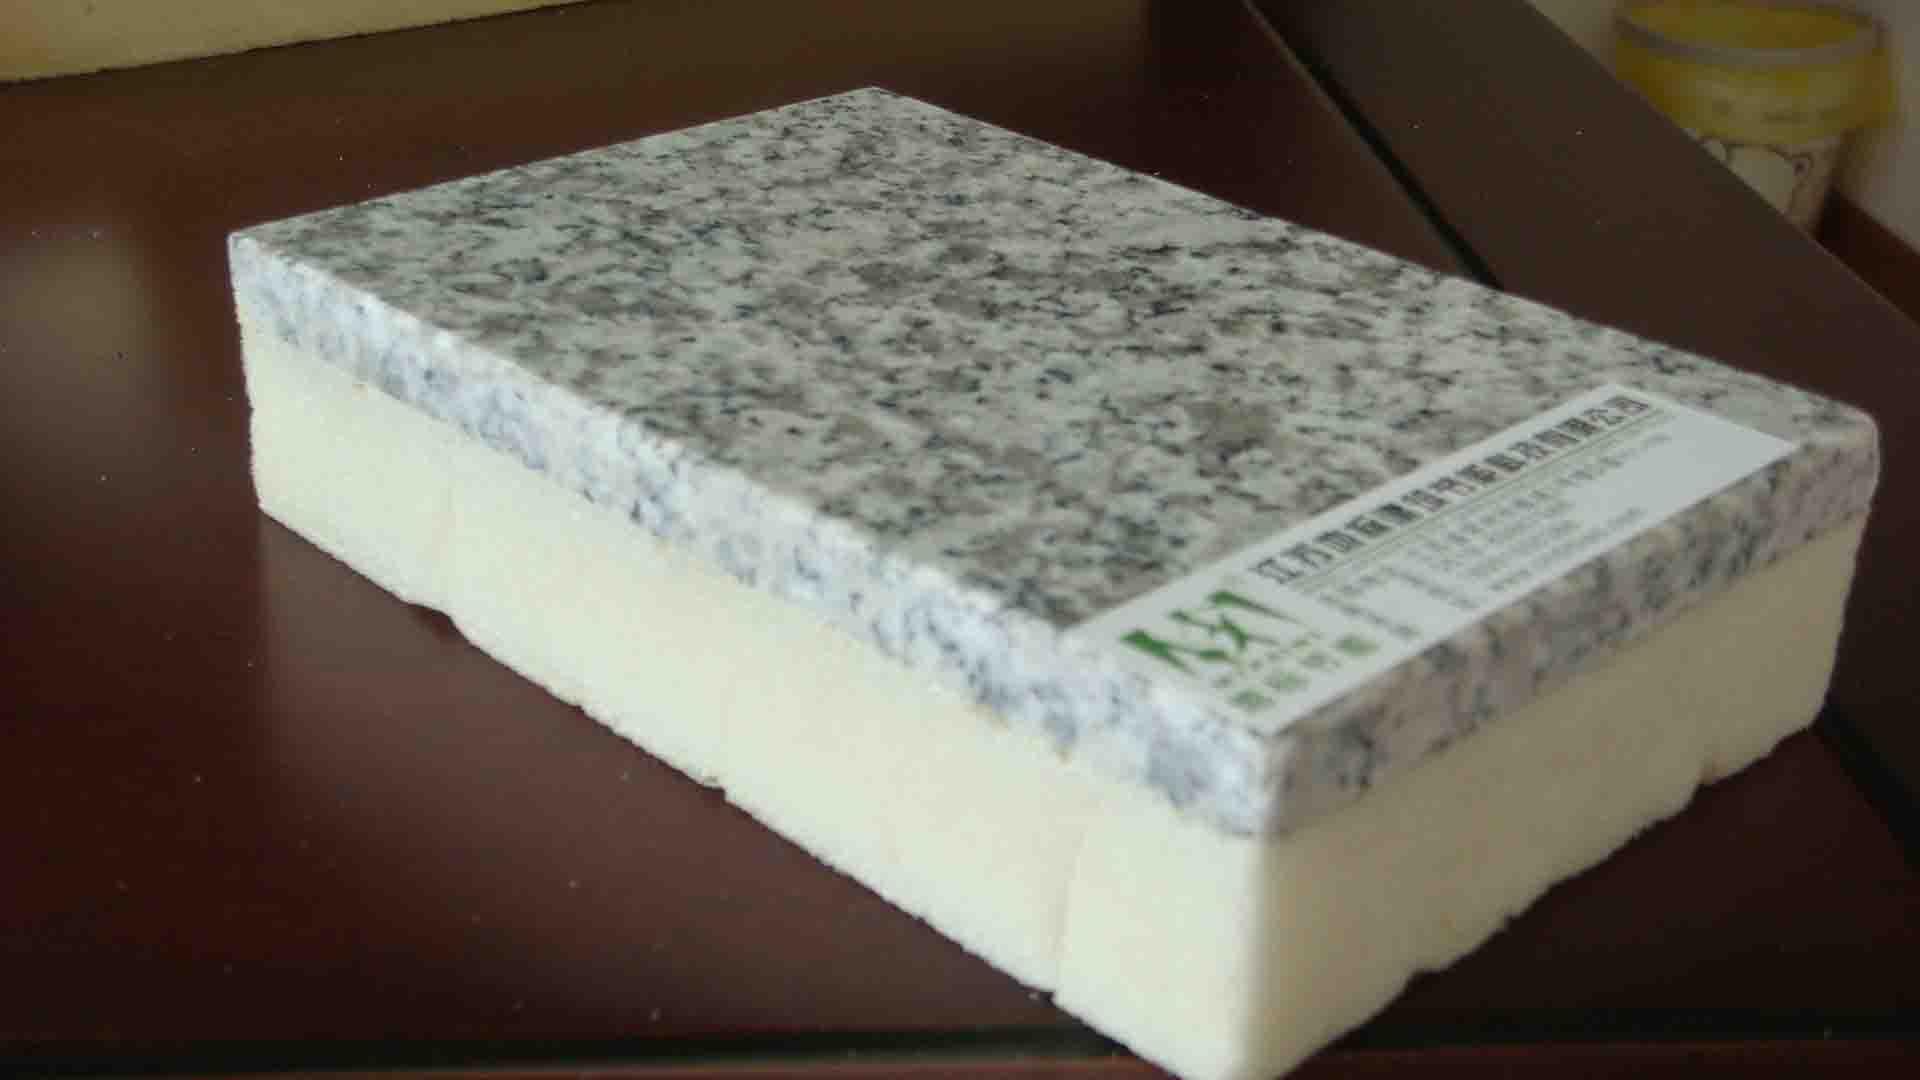 供应无锡大理石保温一体化板 专业外墙保温装饰一体化板生产厂家